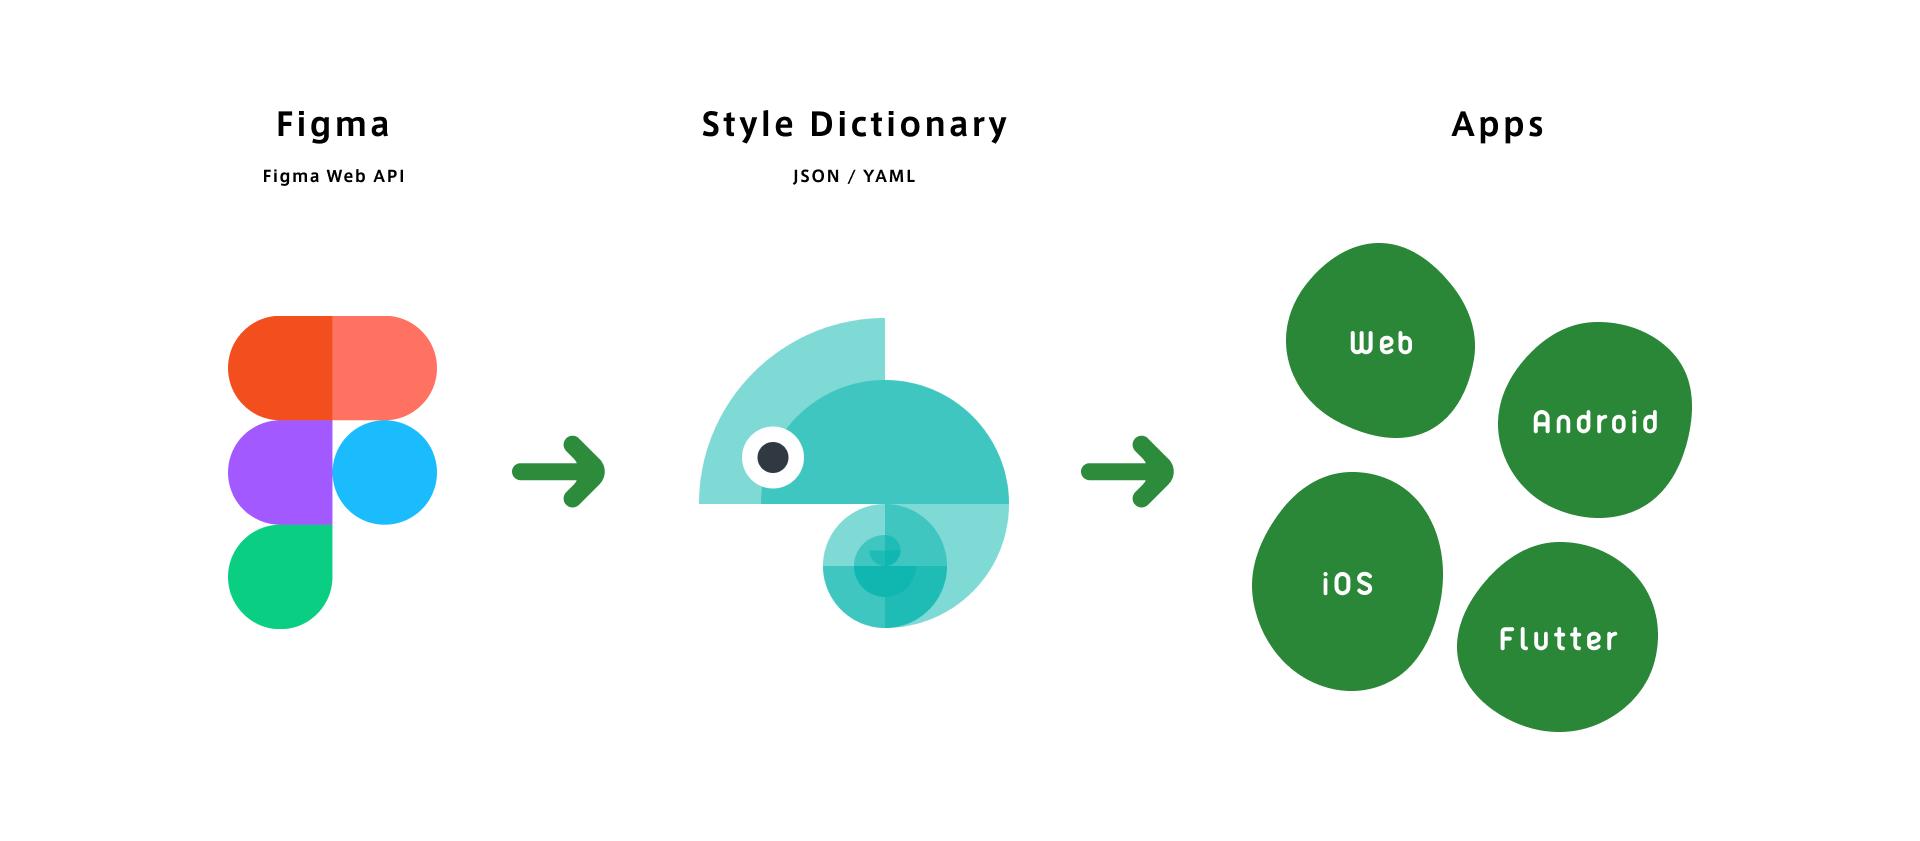 Figmaを使ったDesign Tokensの管理方法として、StyleDictionaryをはさみ、Webその他プラットフォームに適したコードを提供するイメージ図